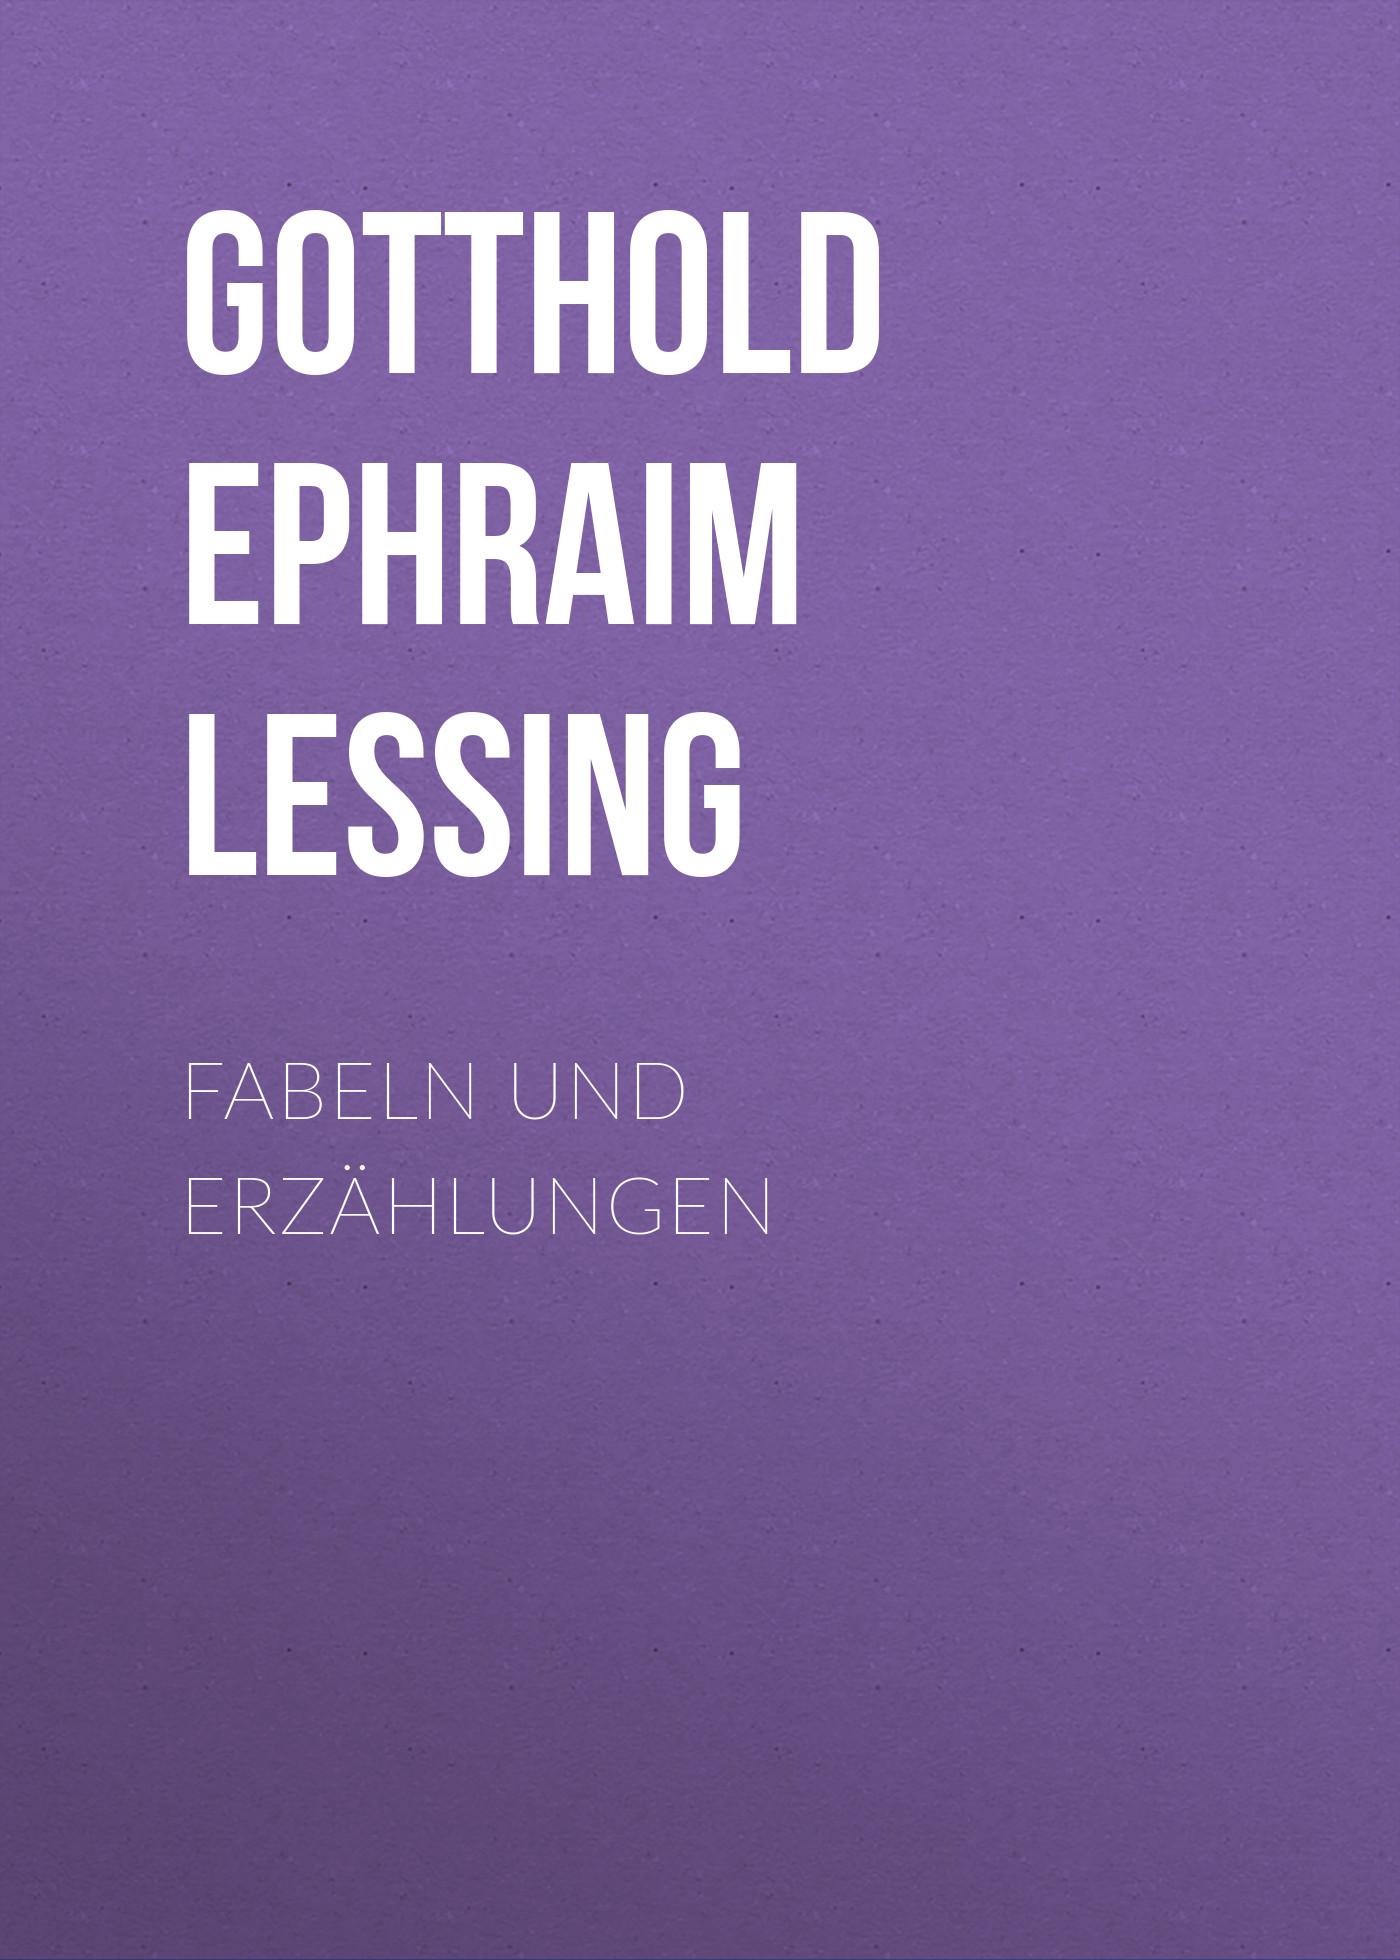 Gotthold Ephraim Lessing Fabeln und Erzählungen недорого